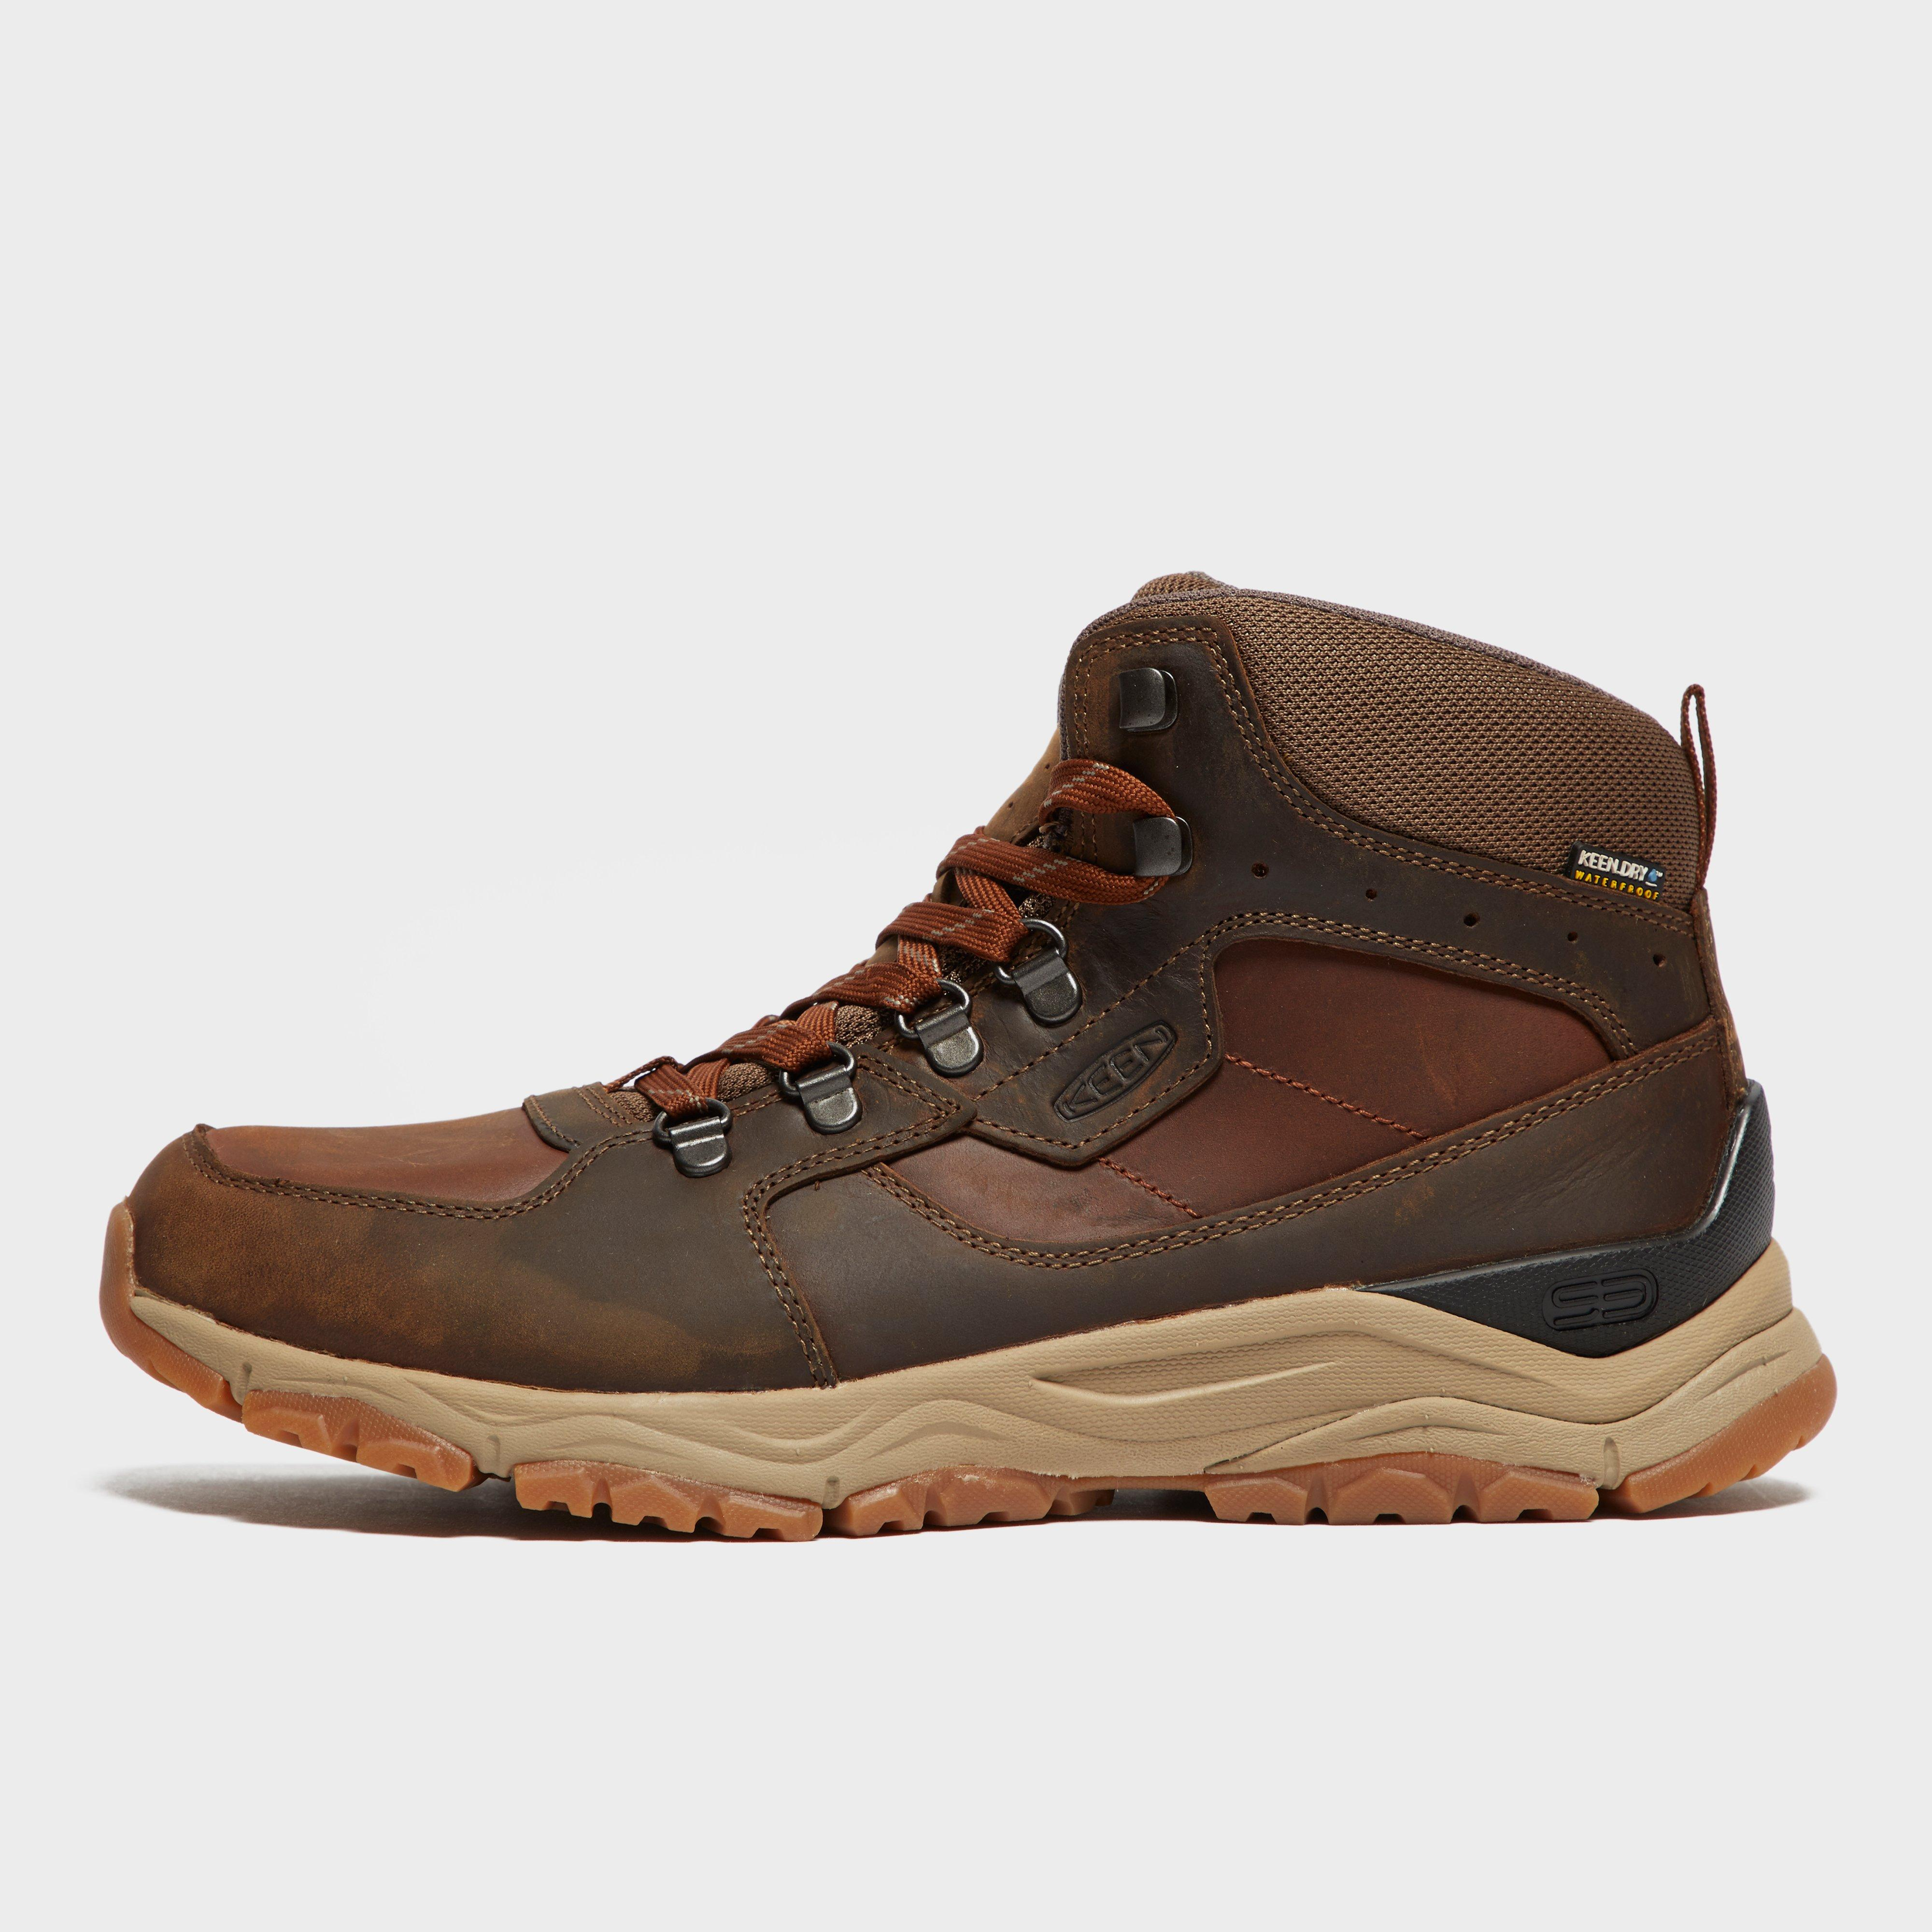 Keen Europe Keen Europe Mens Innate Boots - Brown, Brown